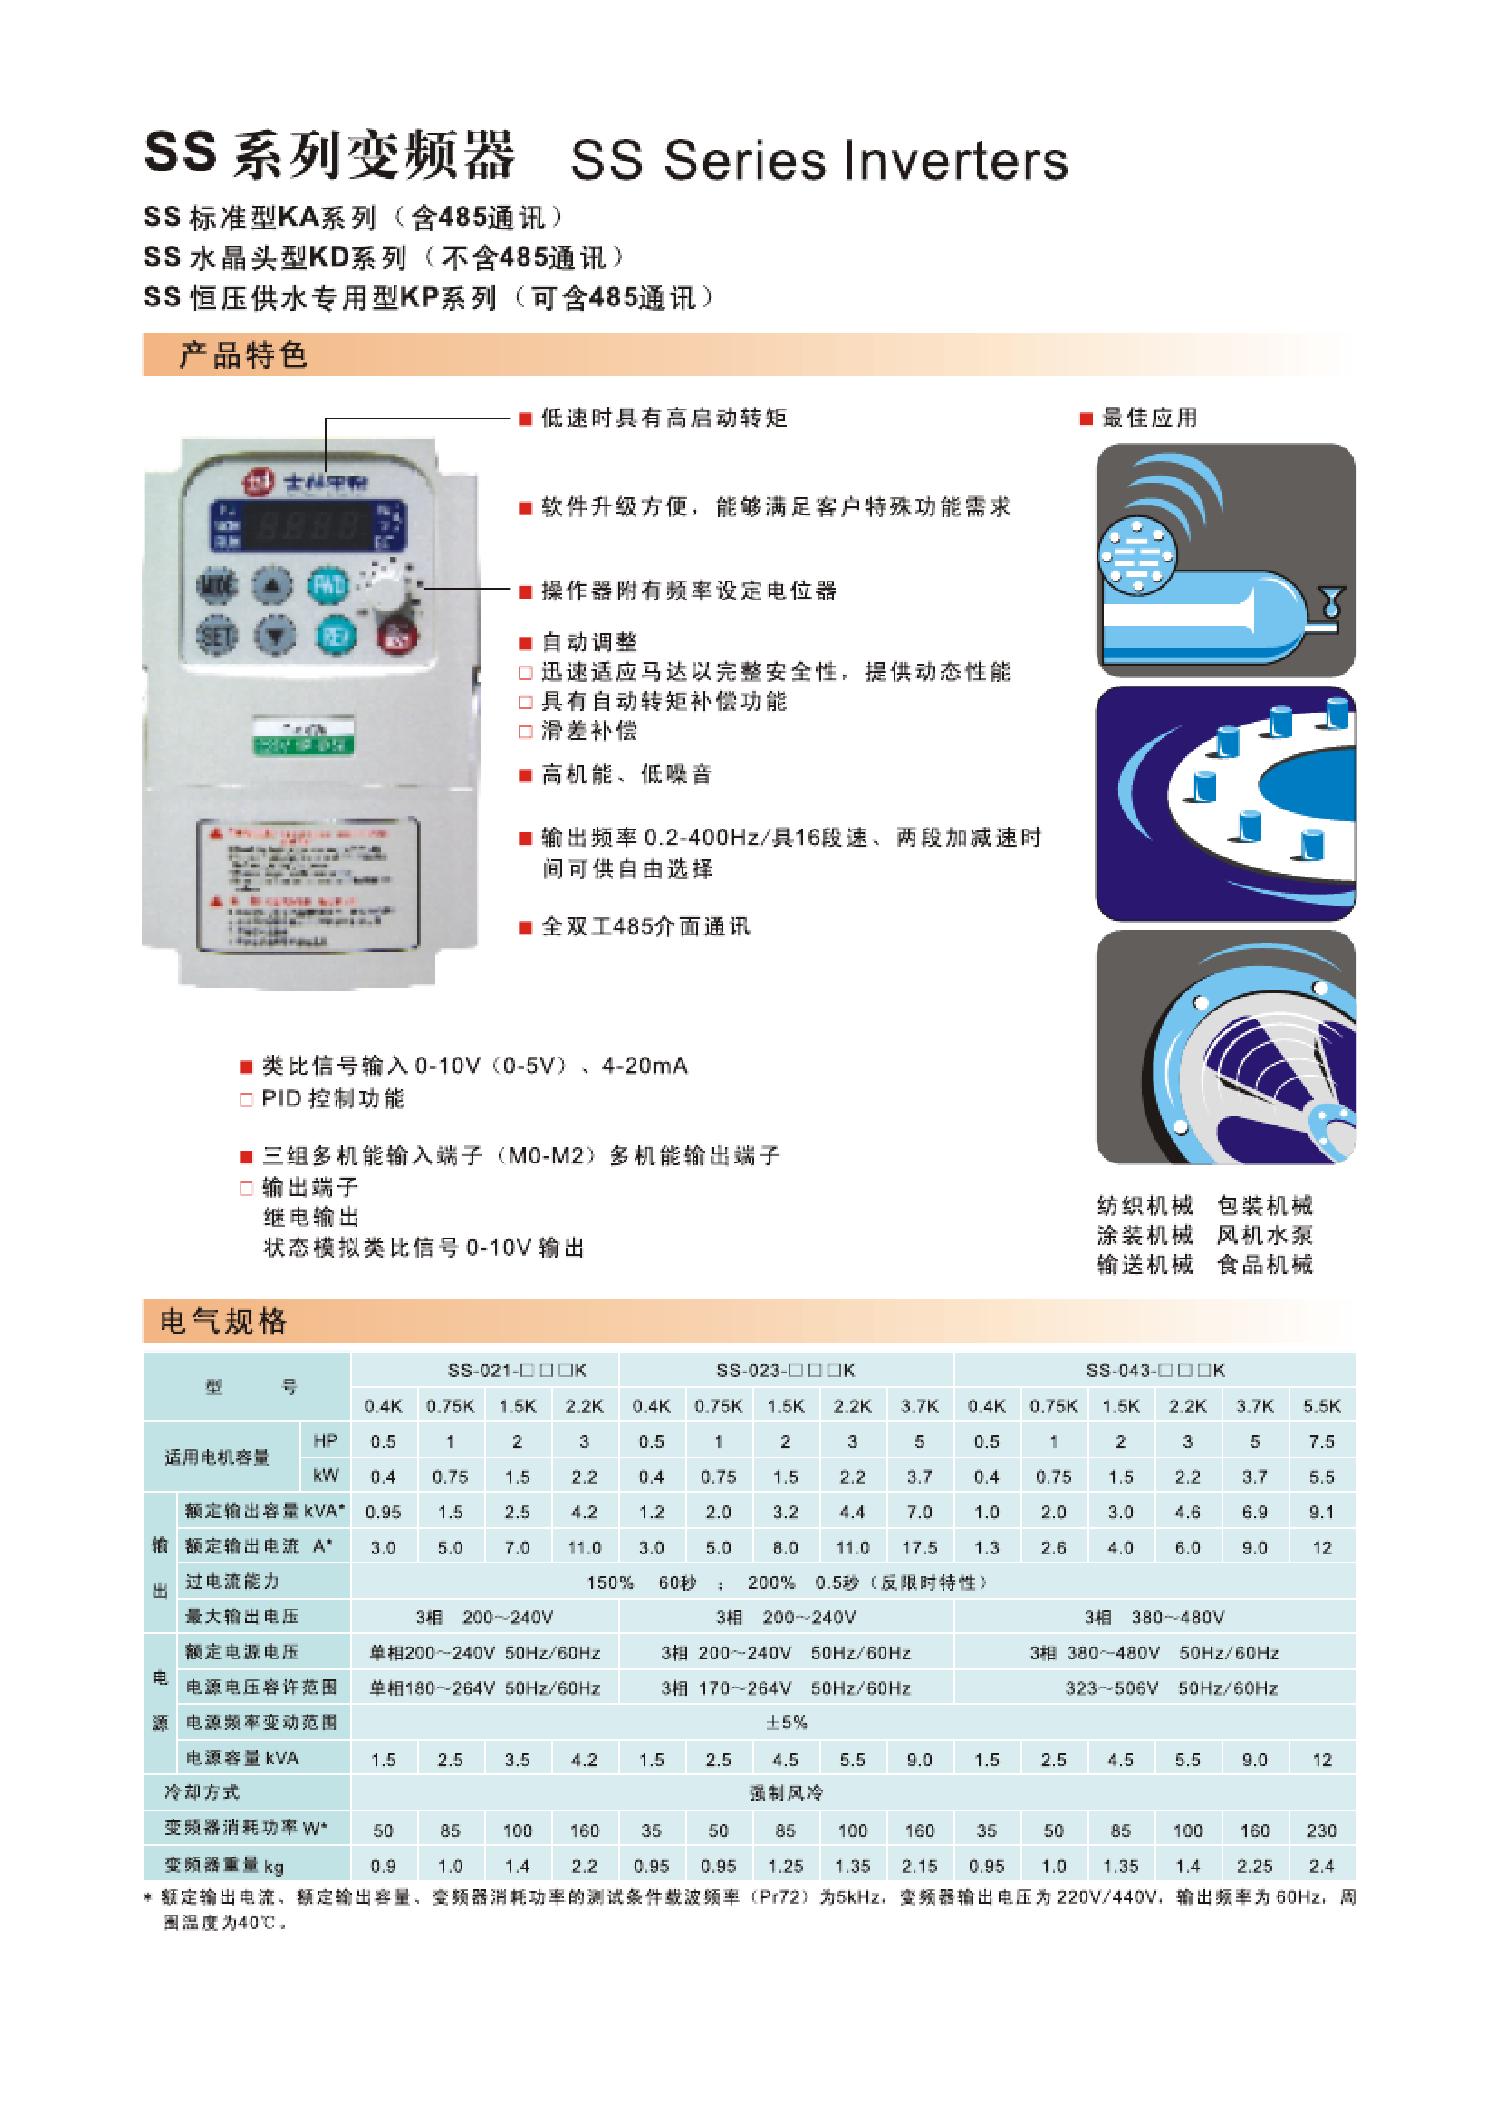 士林变频器资料下载 士林变频器说明书下载